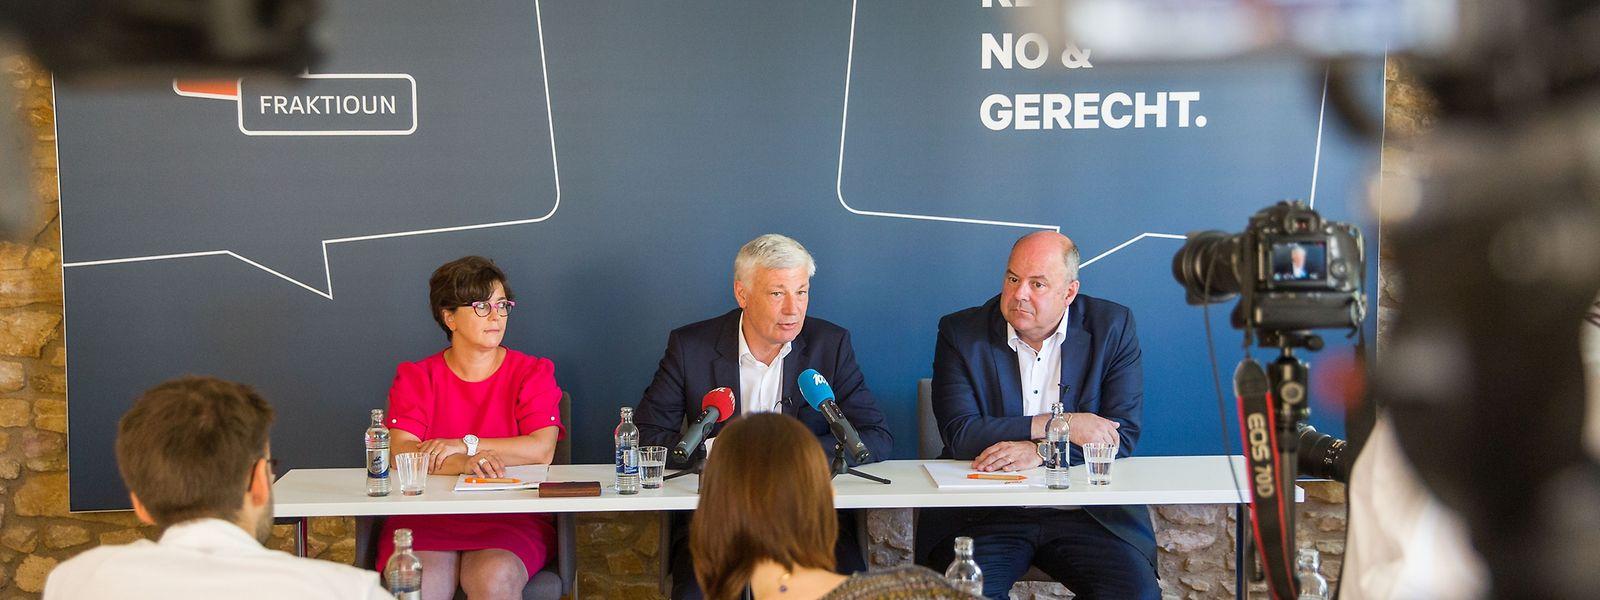 Bilan parlementaire CSV + Fraktiounsiessen, Foto Lex Kleren